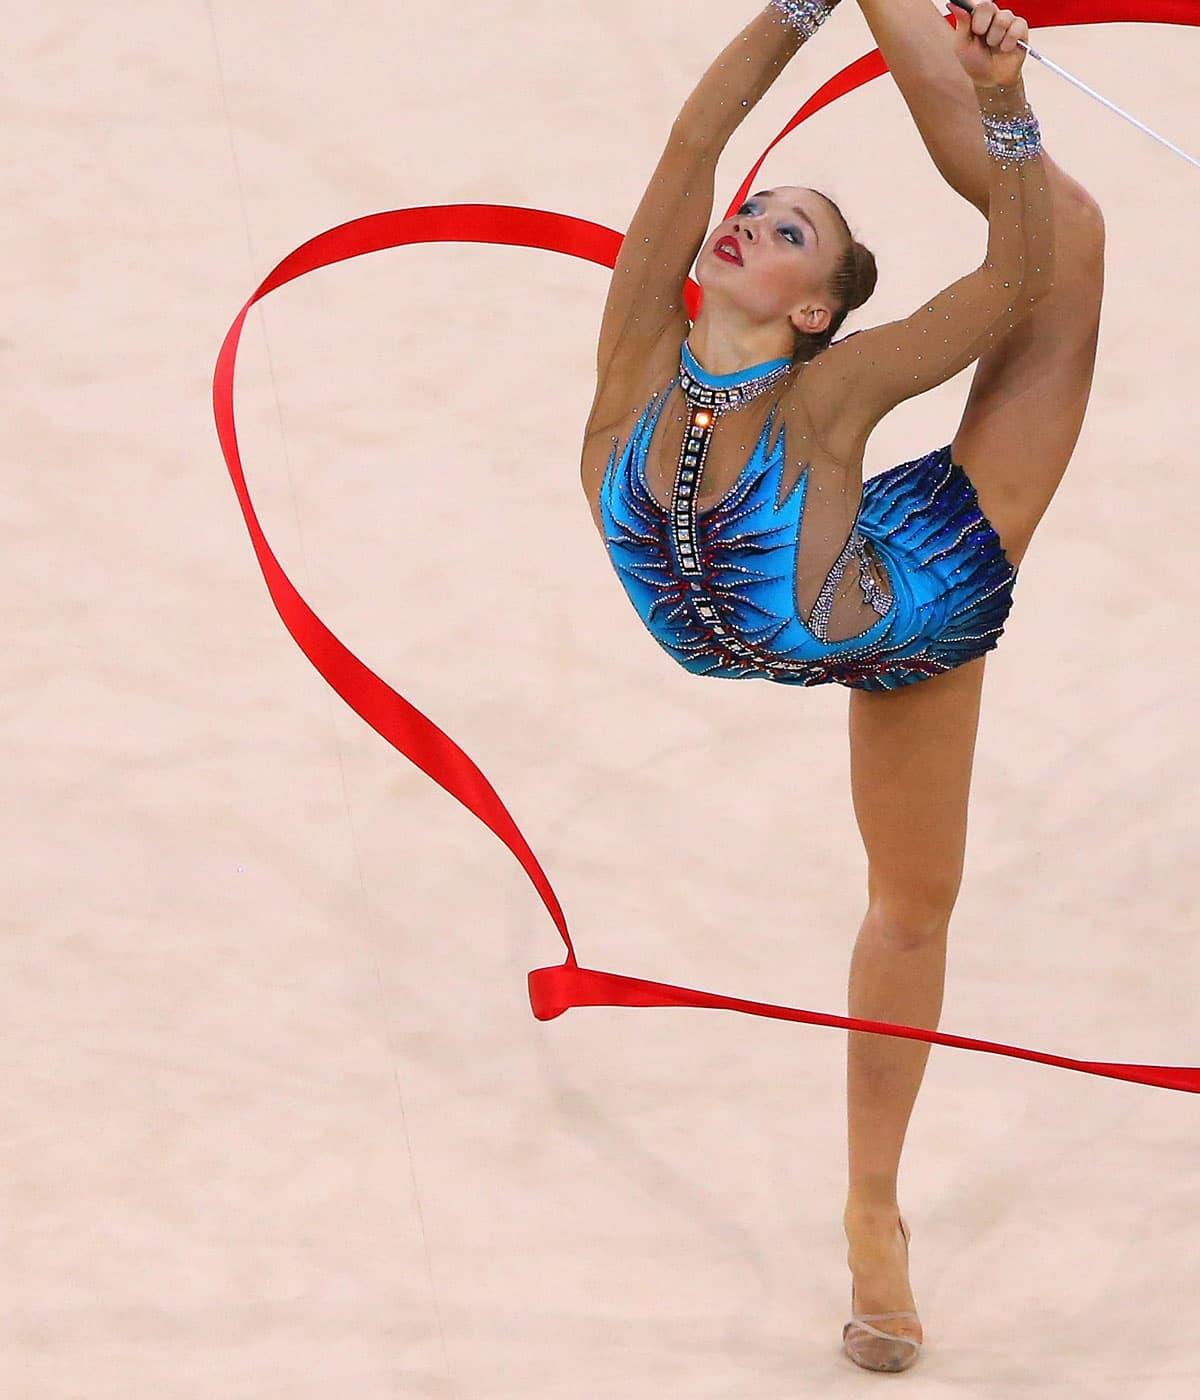 Patricia Bezzoubenko puts Canada in winning position